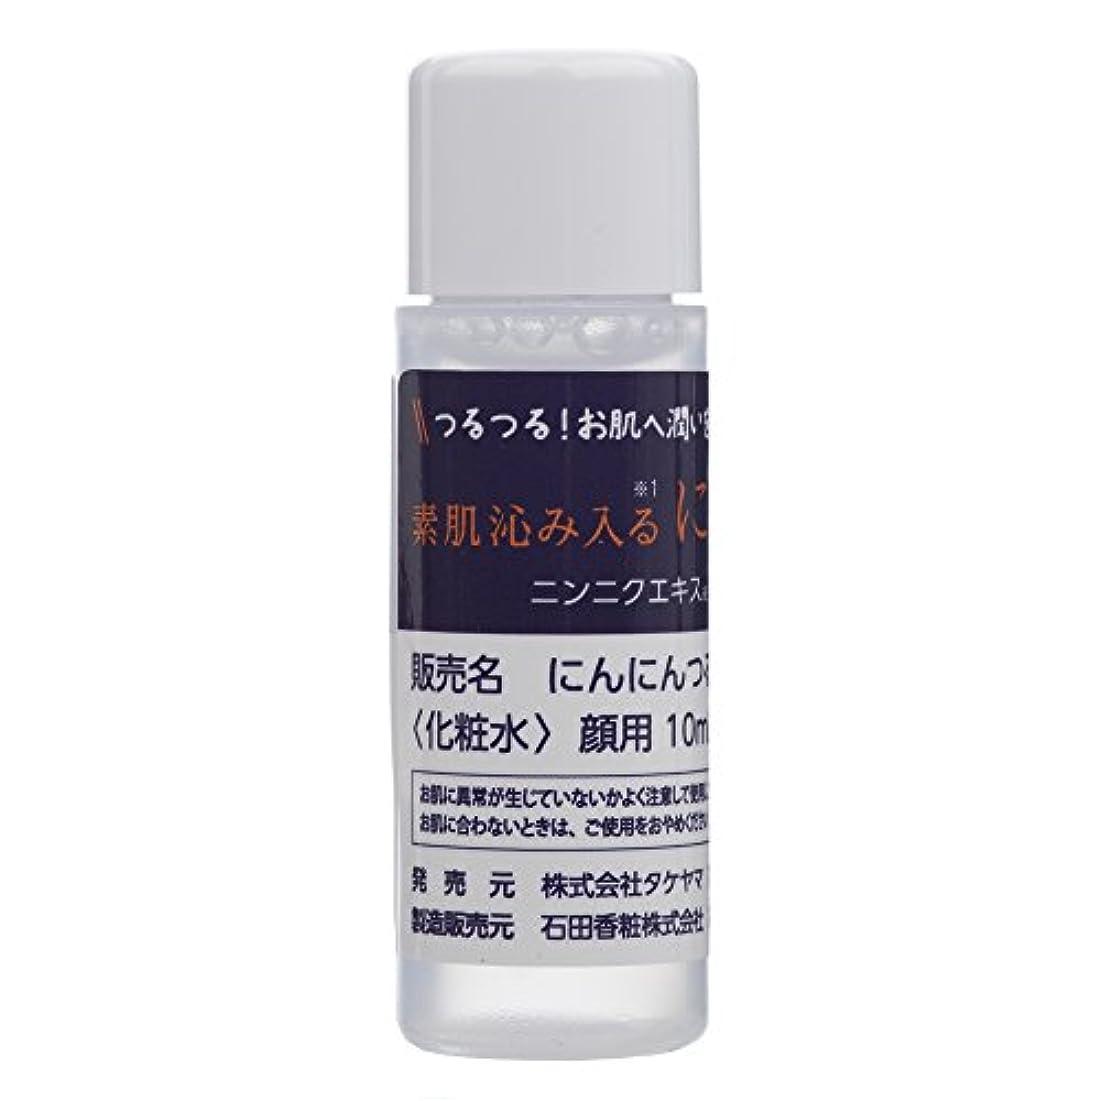 にんにんつるり お肌の健康と潤いを保つ化粧水です。 10ml